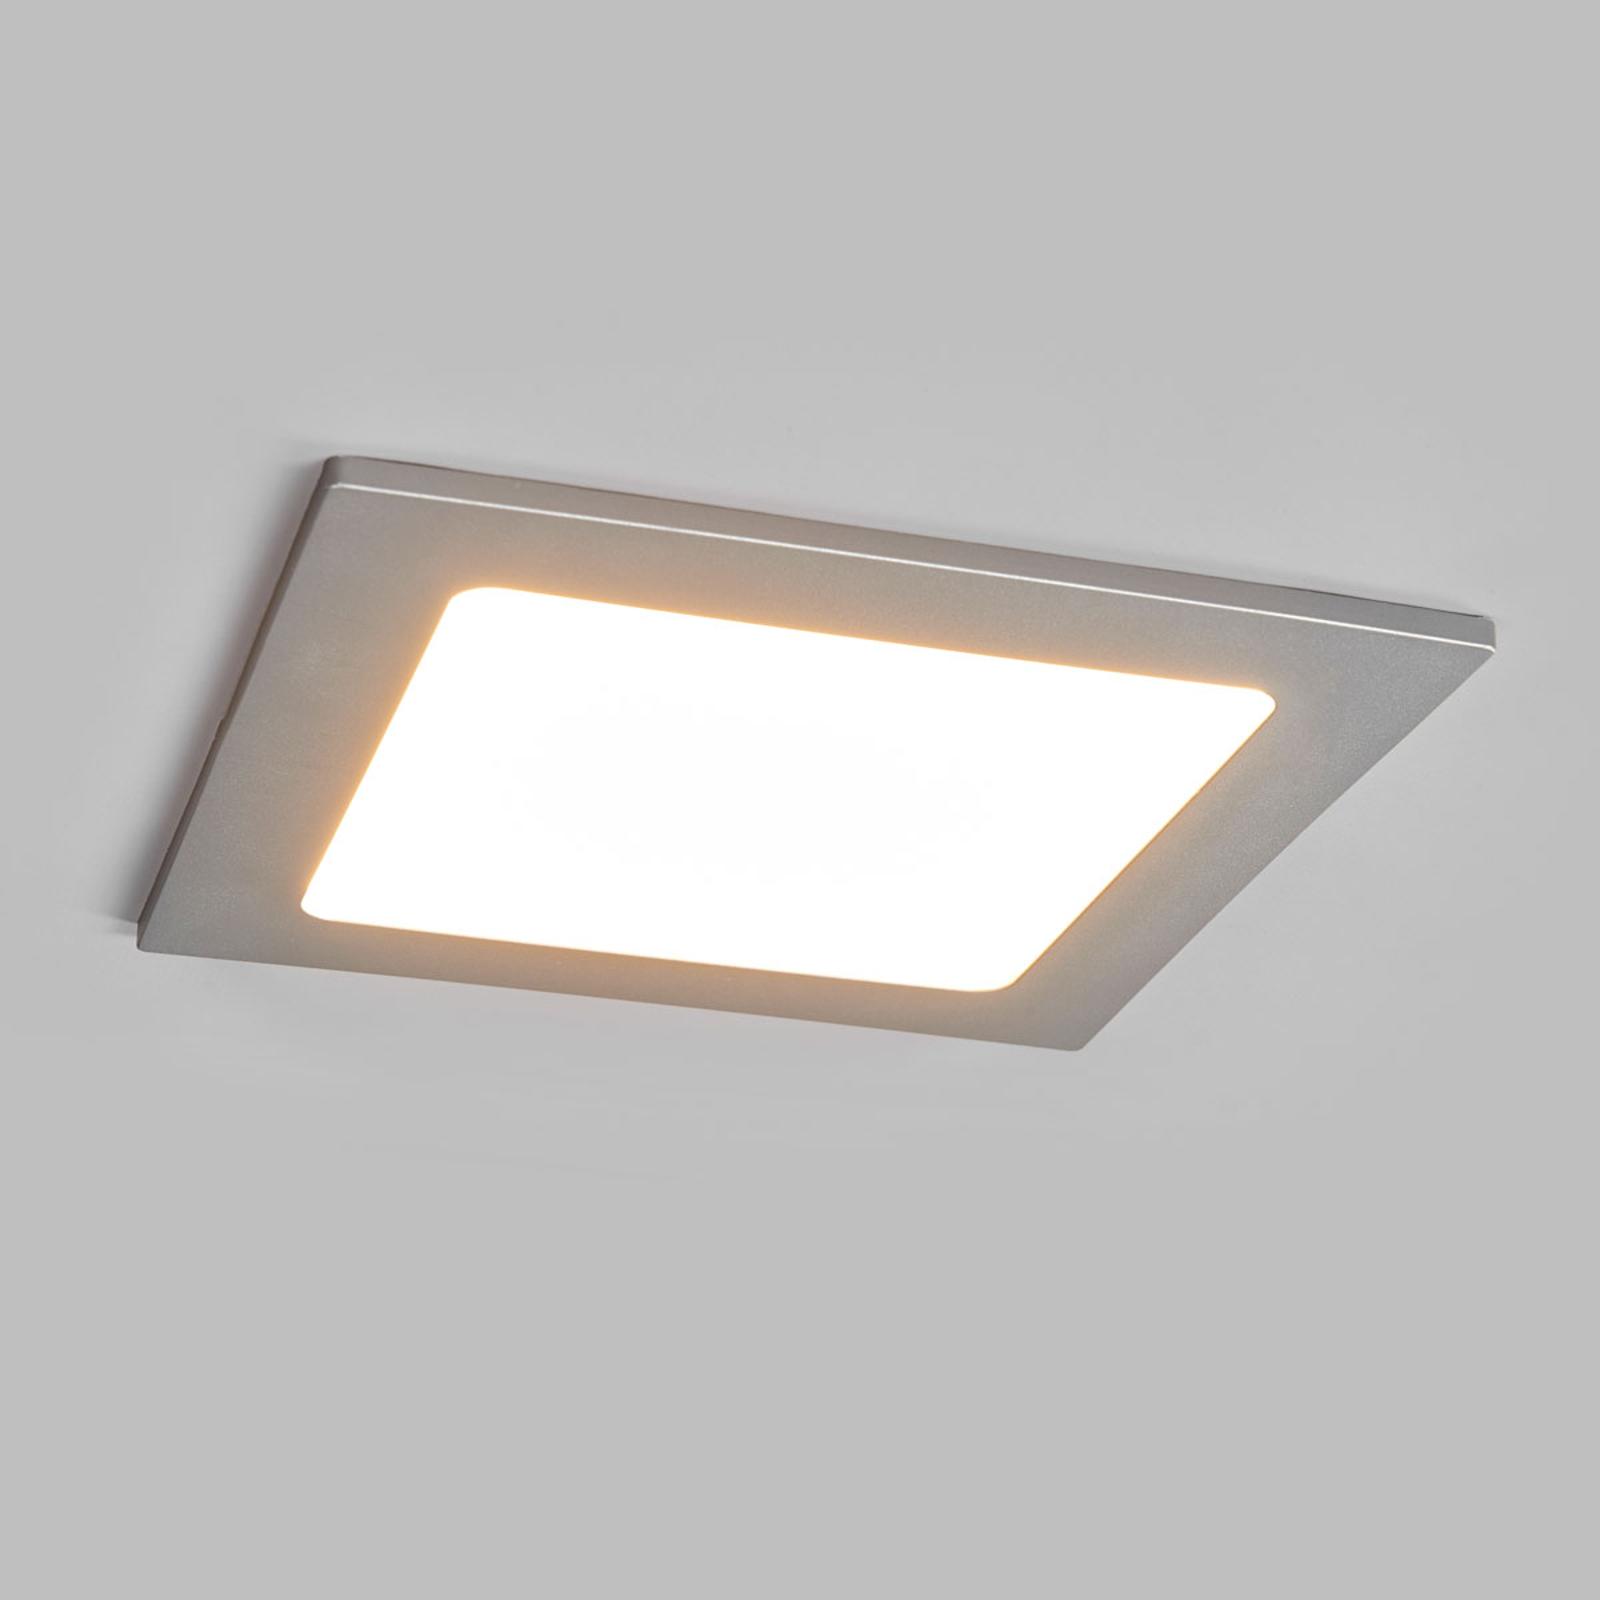 Spot LED Joki argenté 3000K angulaire 16,5cm